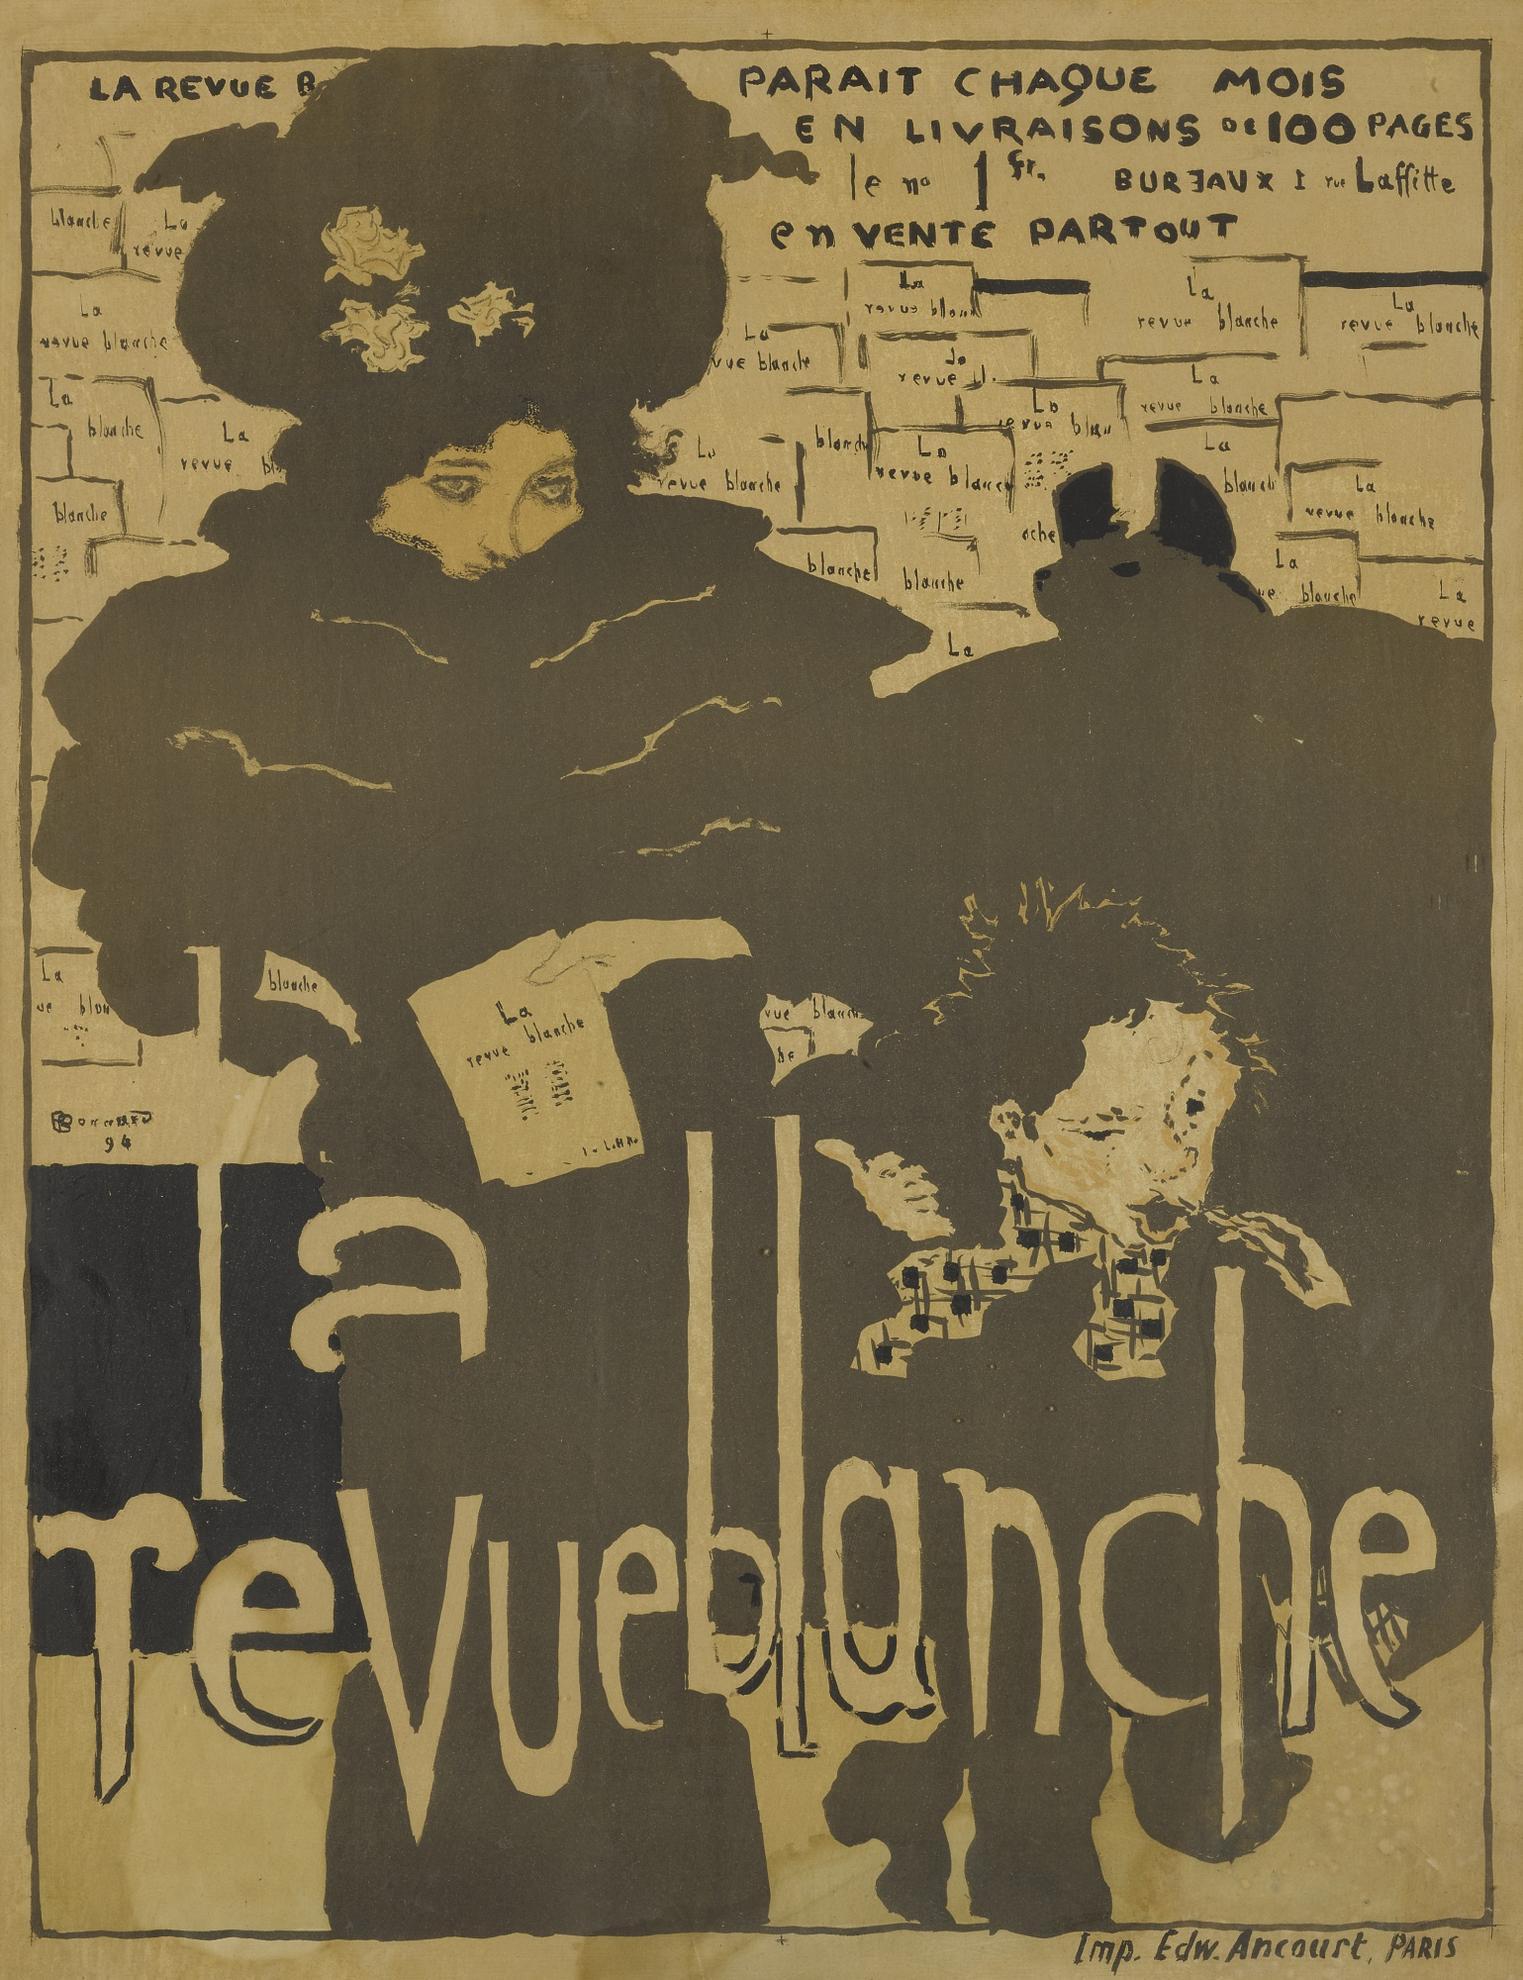 Pierre Bonnard-La Revue Blanche; And Les Peintres Graveurs (Bouvet 30 & 38)-1896